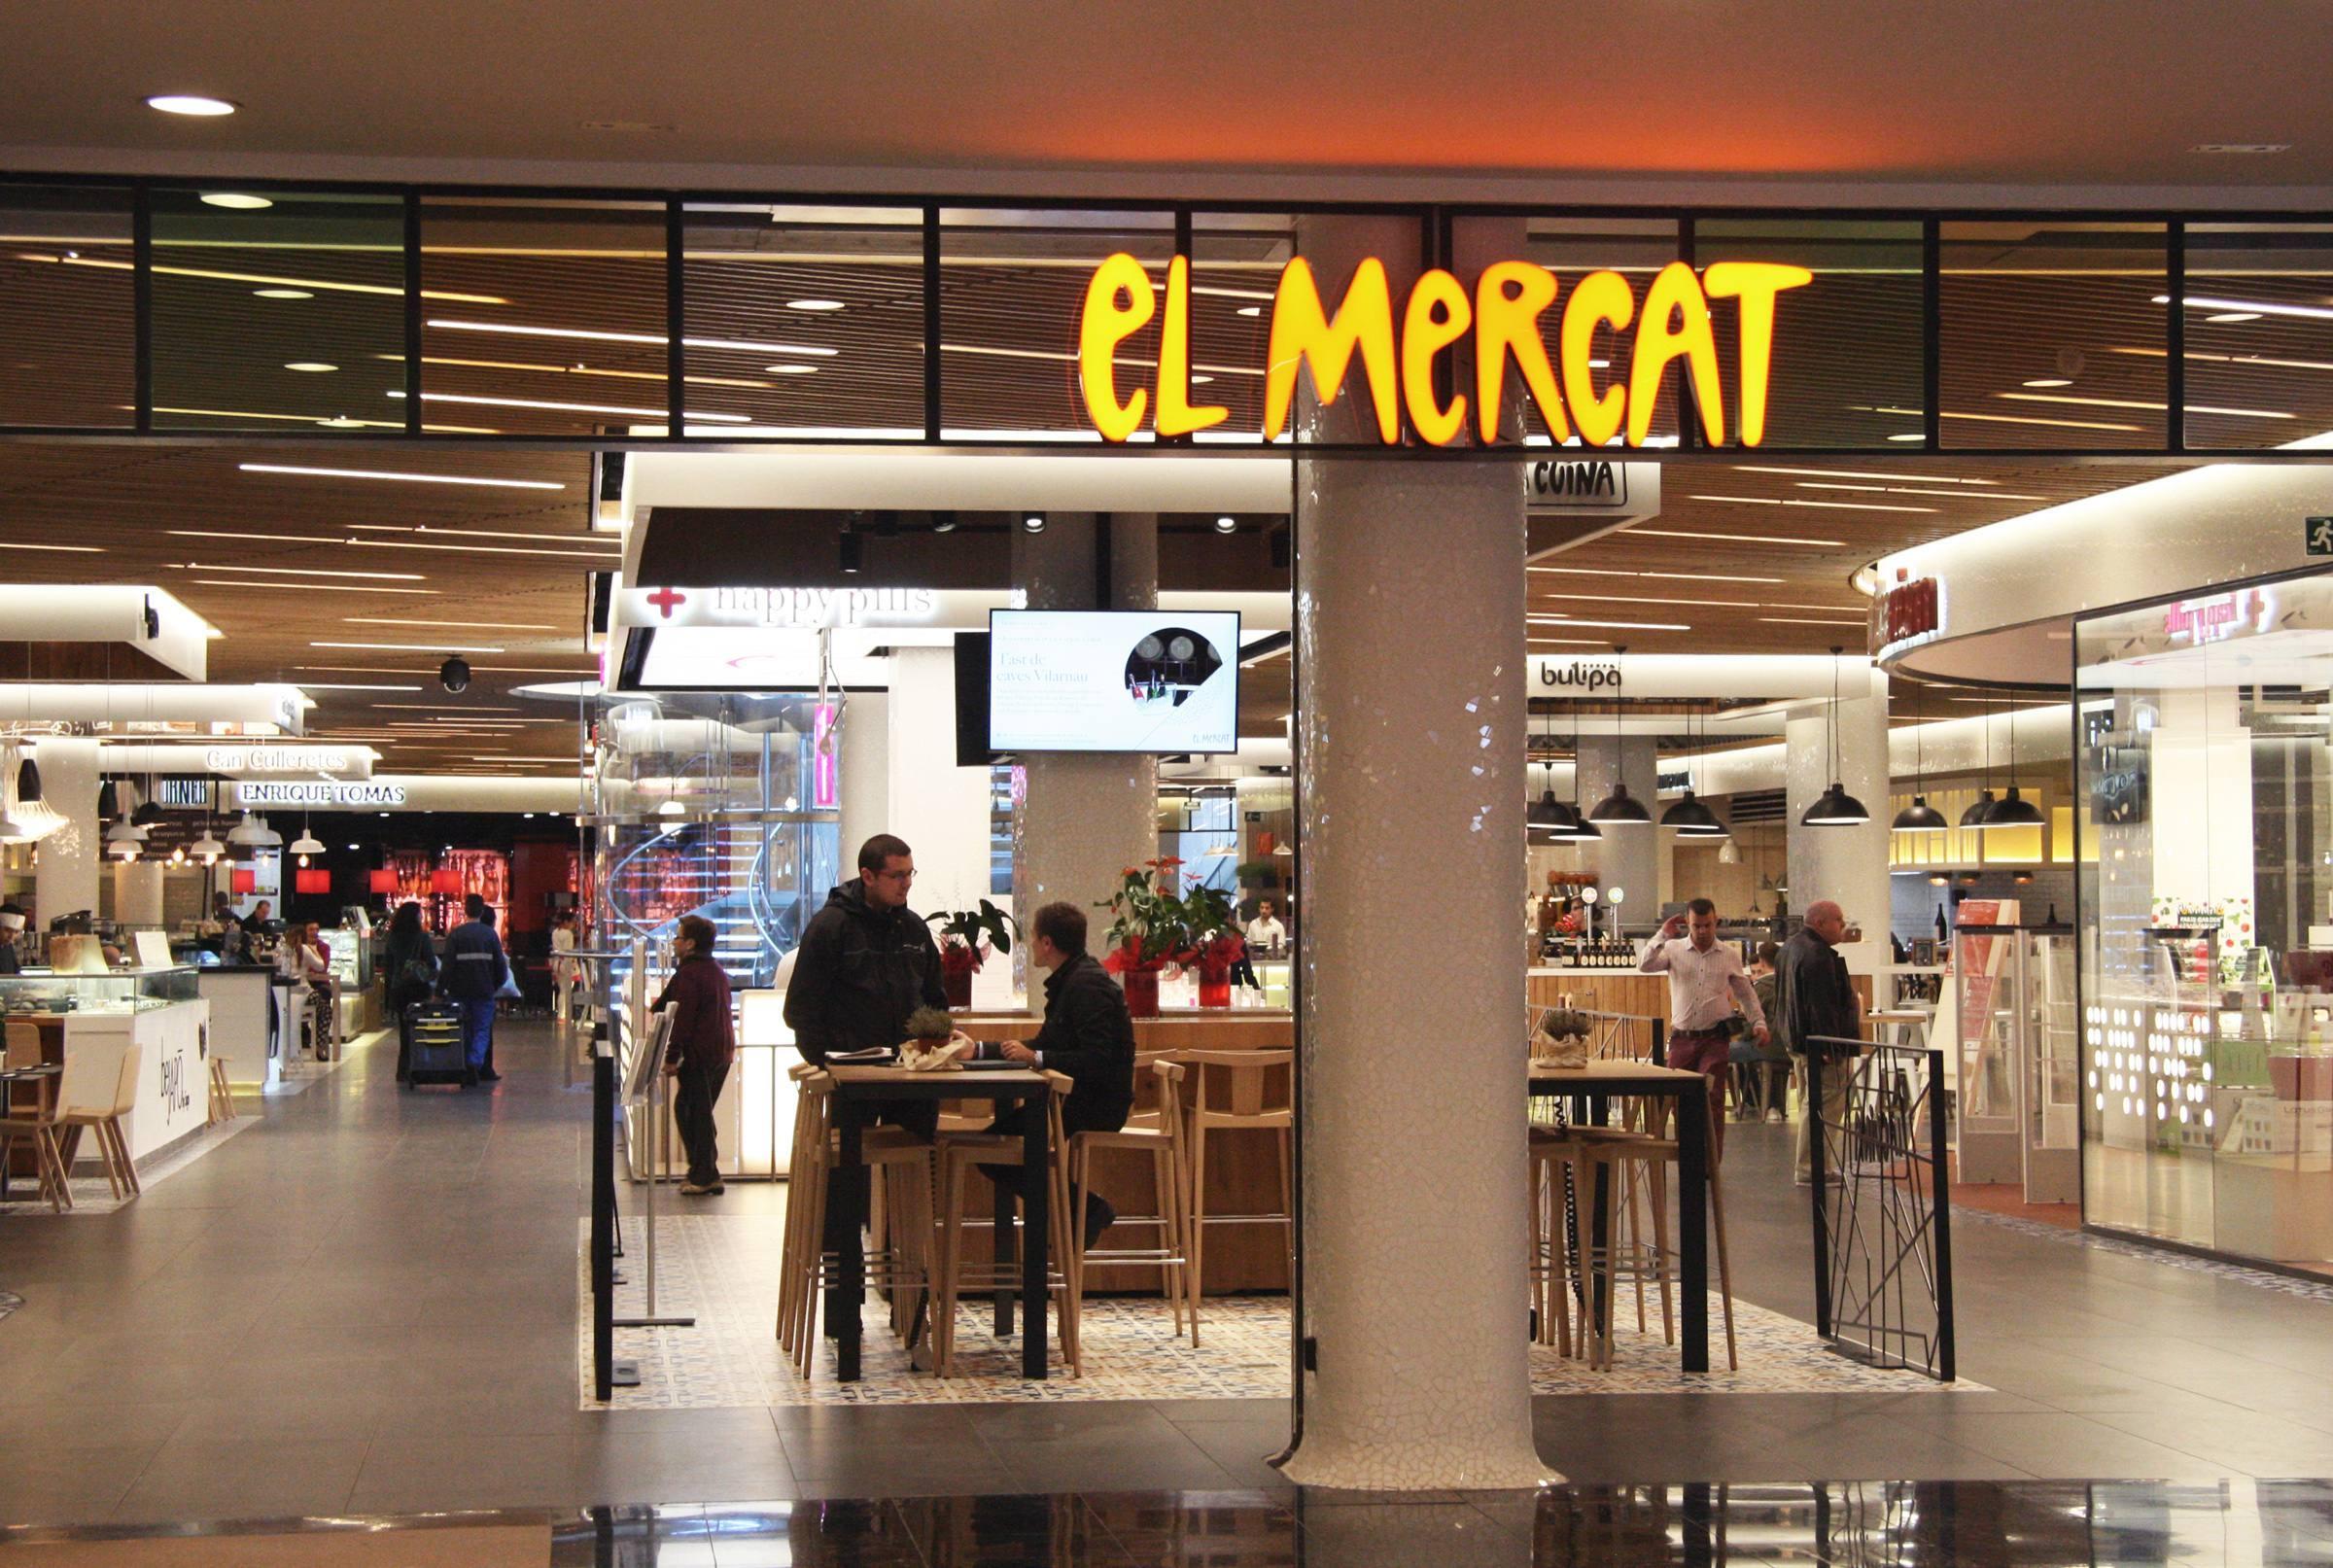 Gl ries nico centro comercial con servicio de food for El mercat de les glories